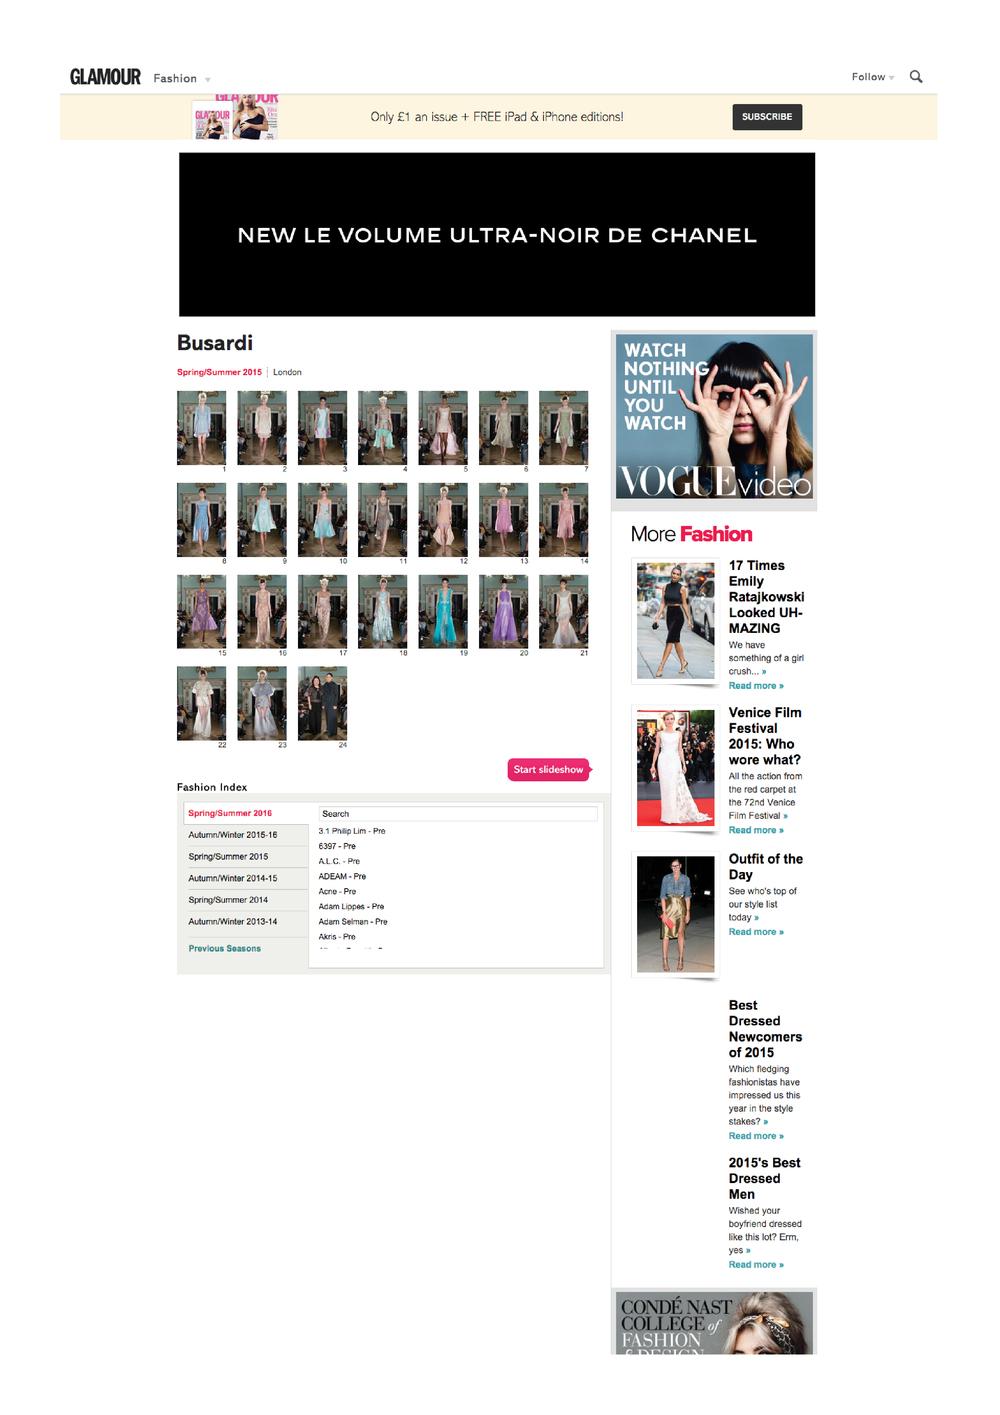 Tuck - Glamour Magazine - September 2014 - A4 - 03.jpg